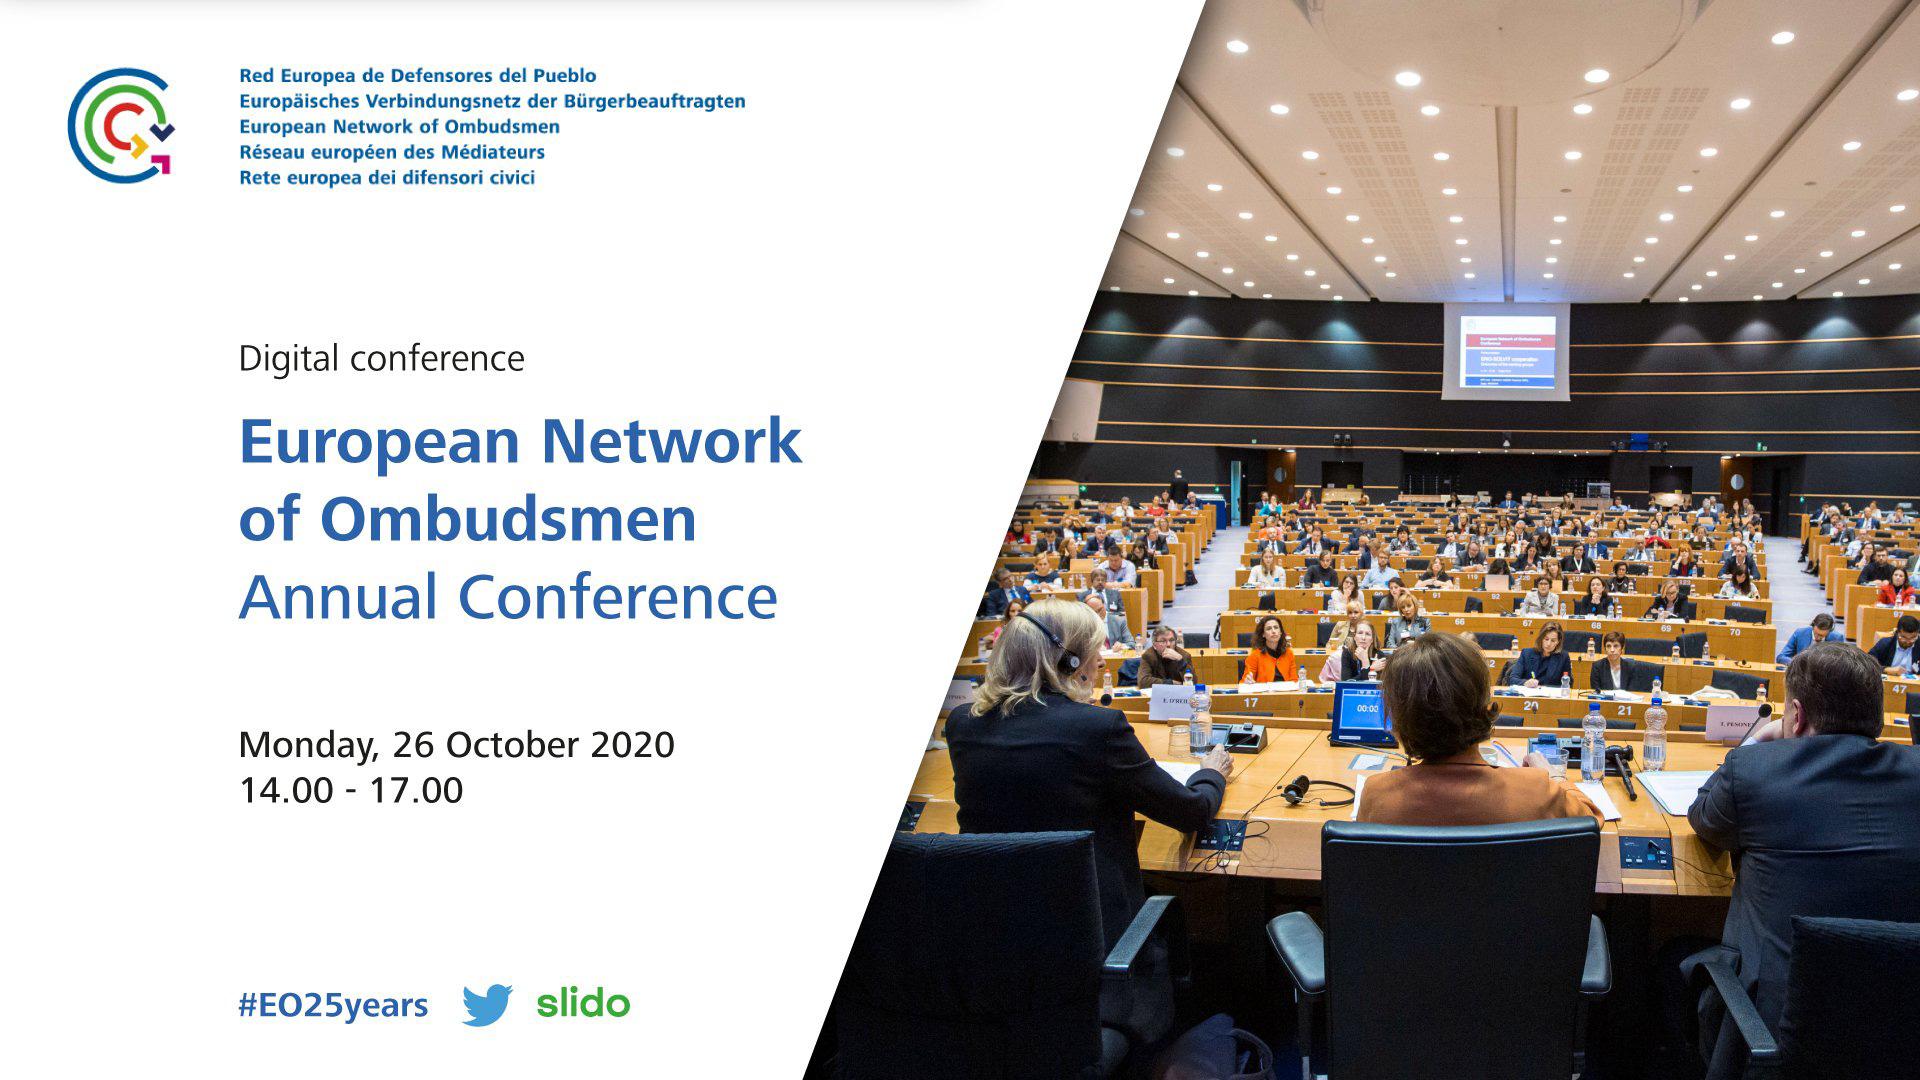 Euroopan oikeusasiamiesten verkosto